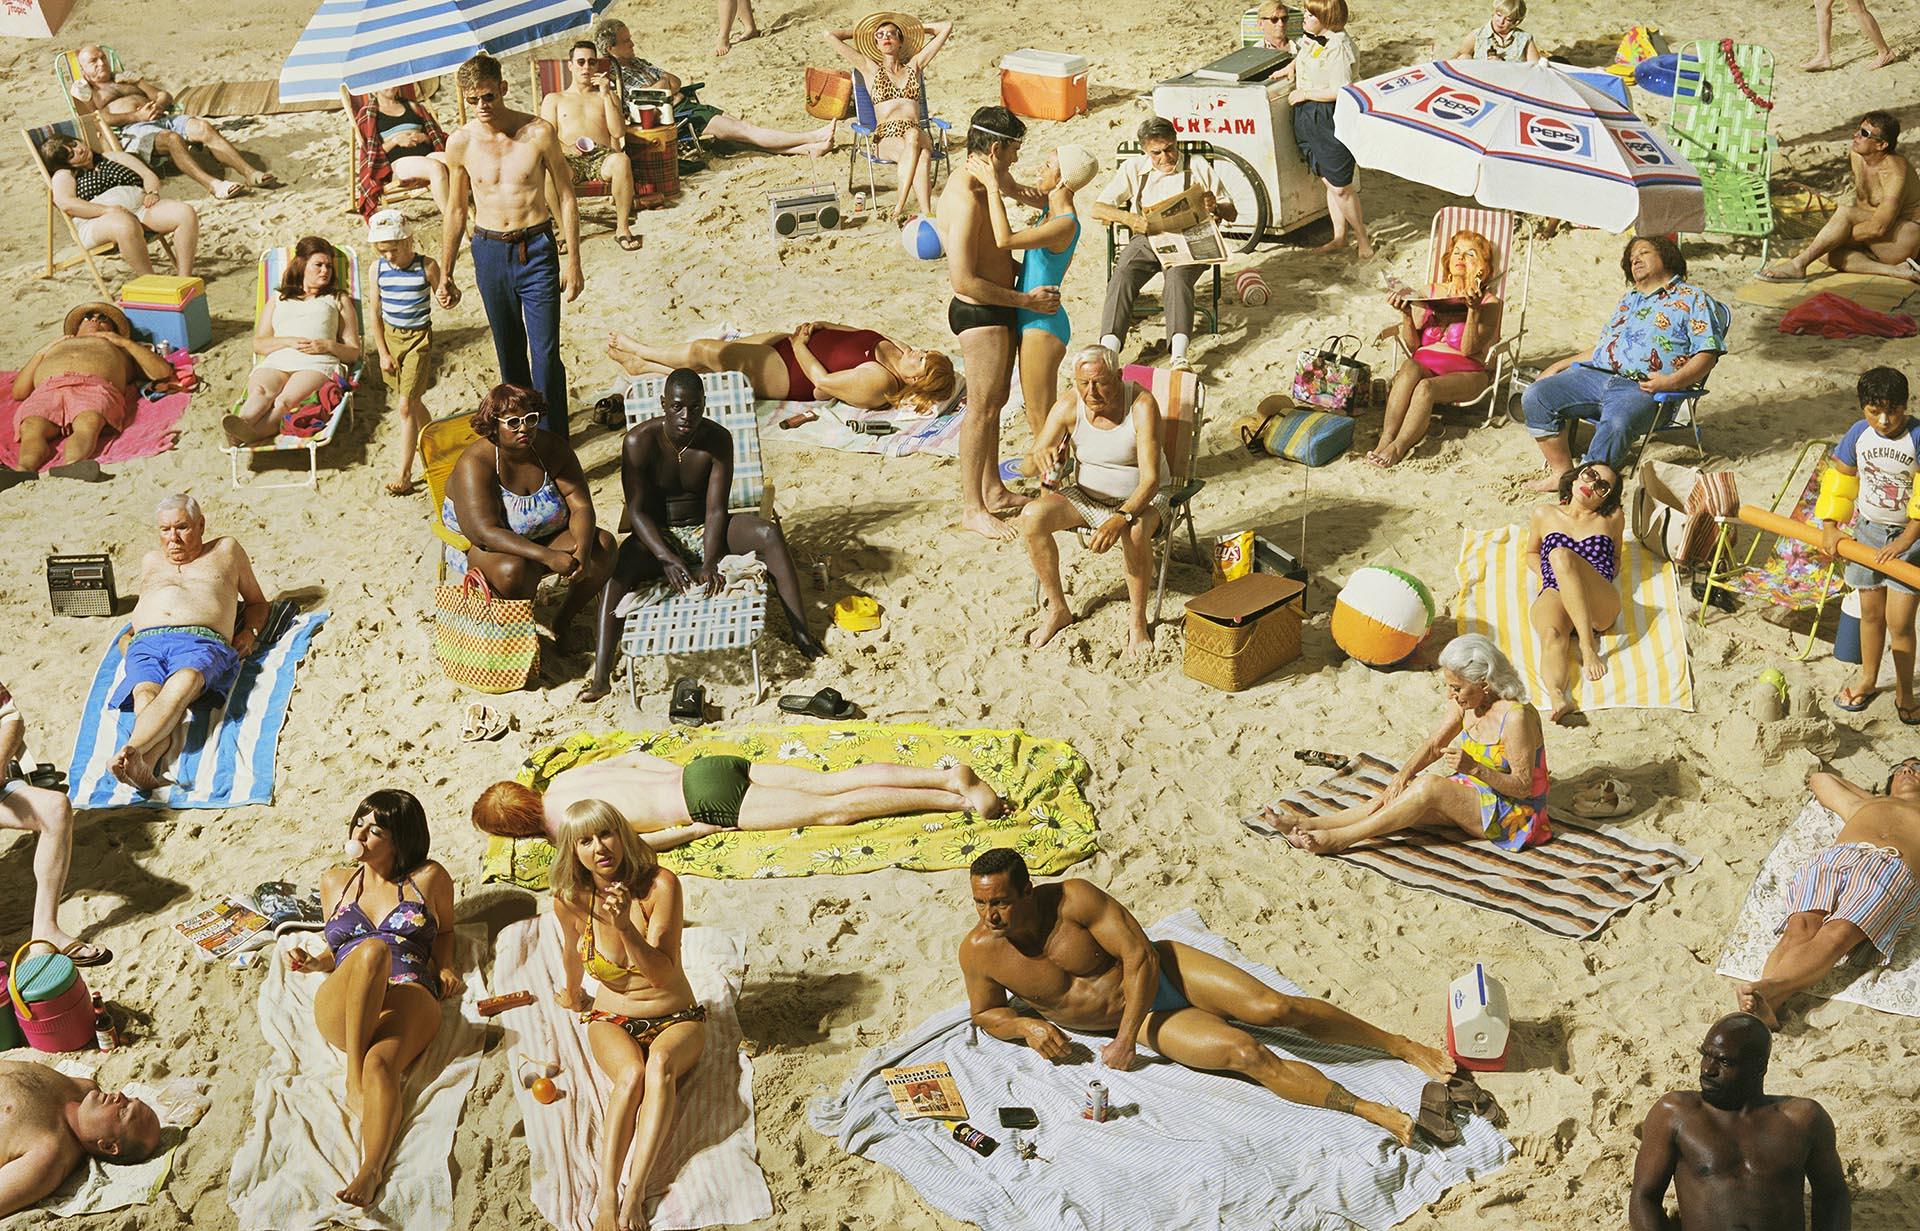 Crowd #3 (Pelican Beach)